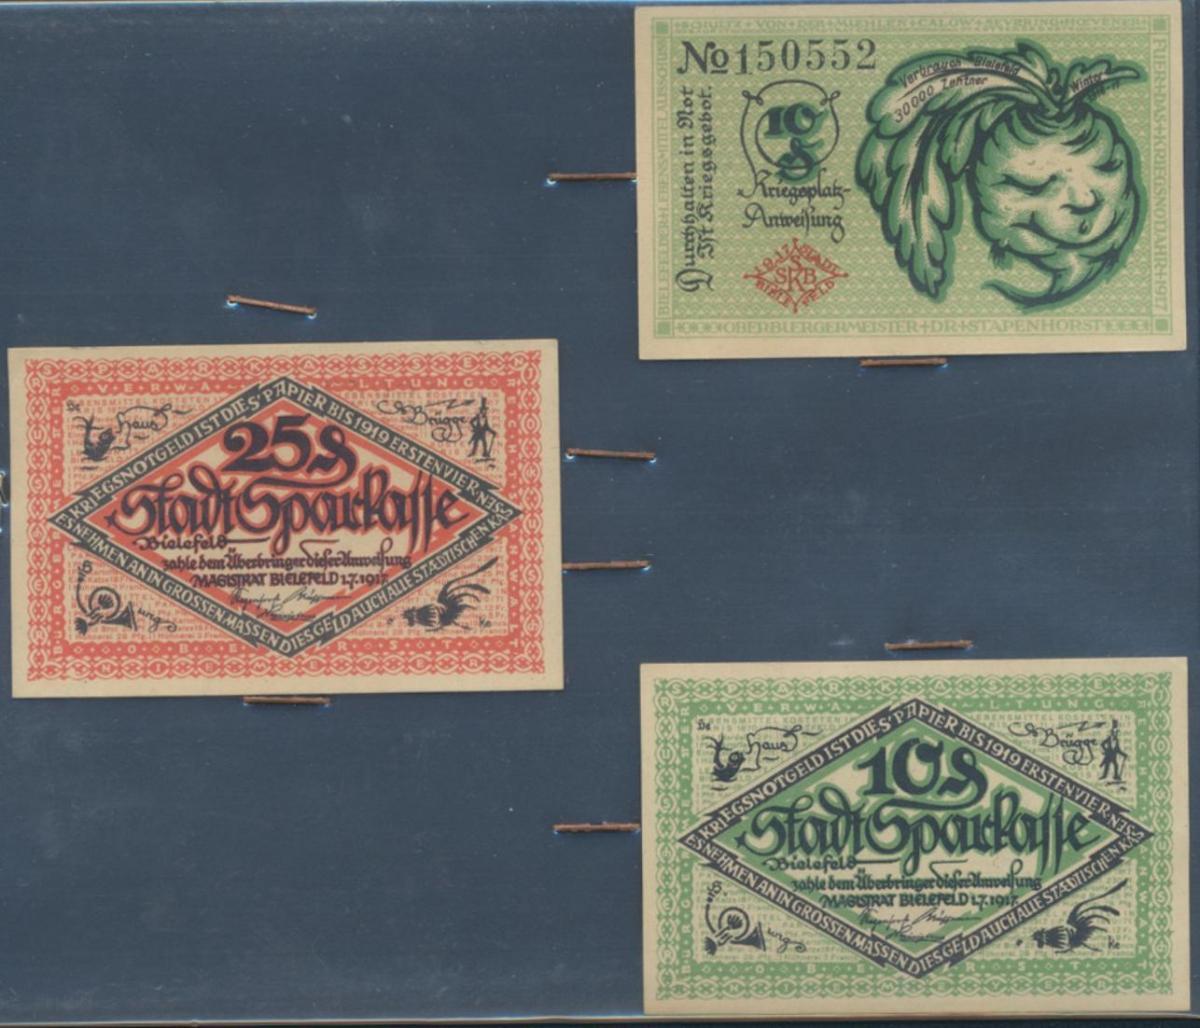 3x Notgeld 10+25 Pfennige Stadtsparkasse Bielefeld 1917 B44